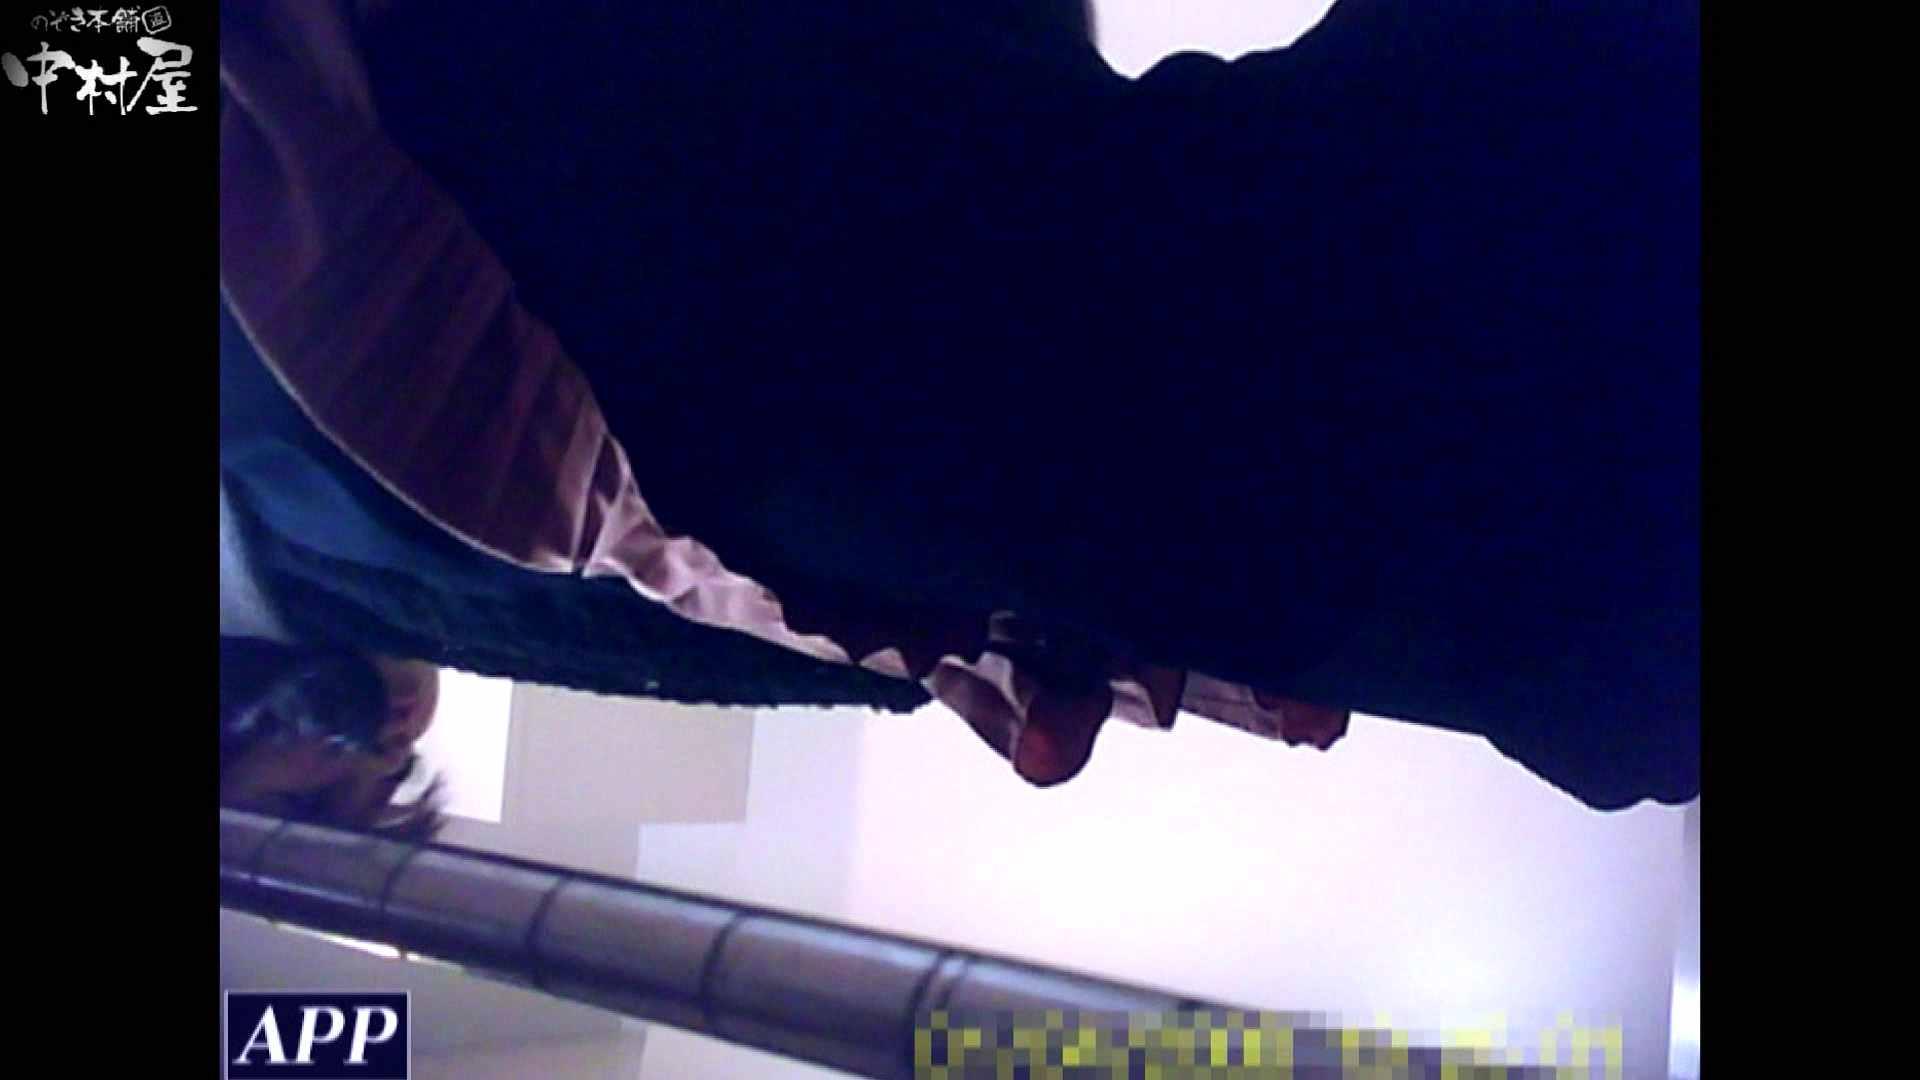 三つ目で盗撮 vol.38 マンコ・ムレムレ | 肛門丸見え  106pic 31